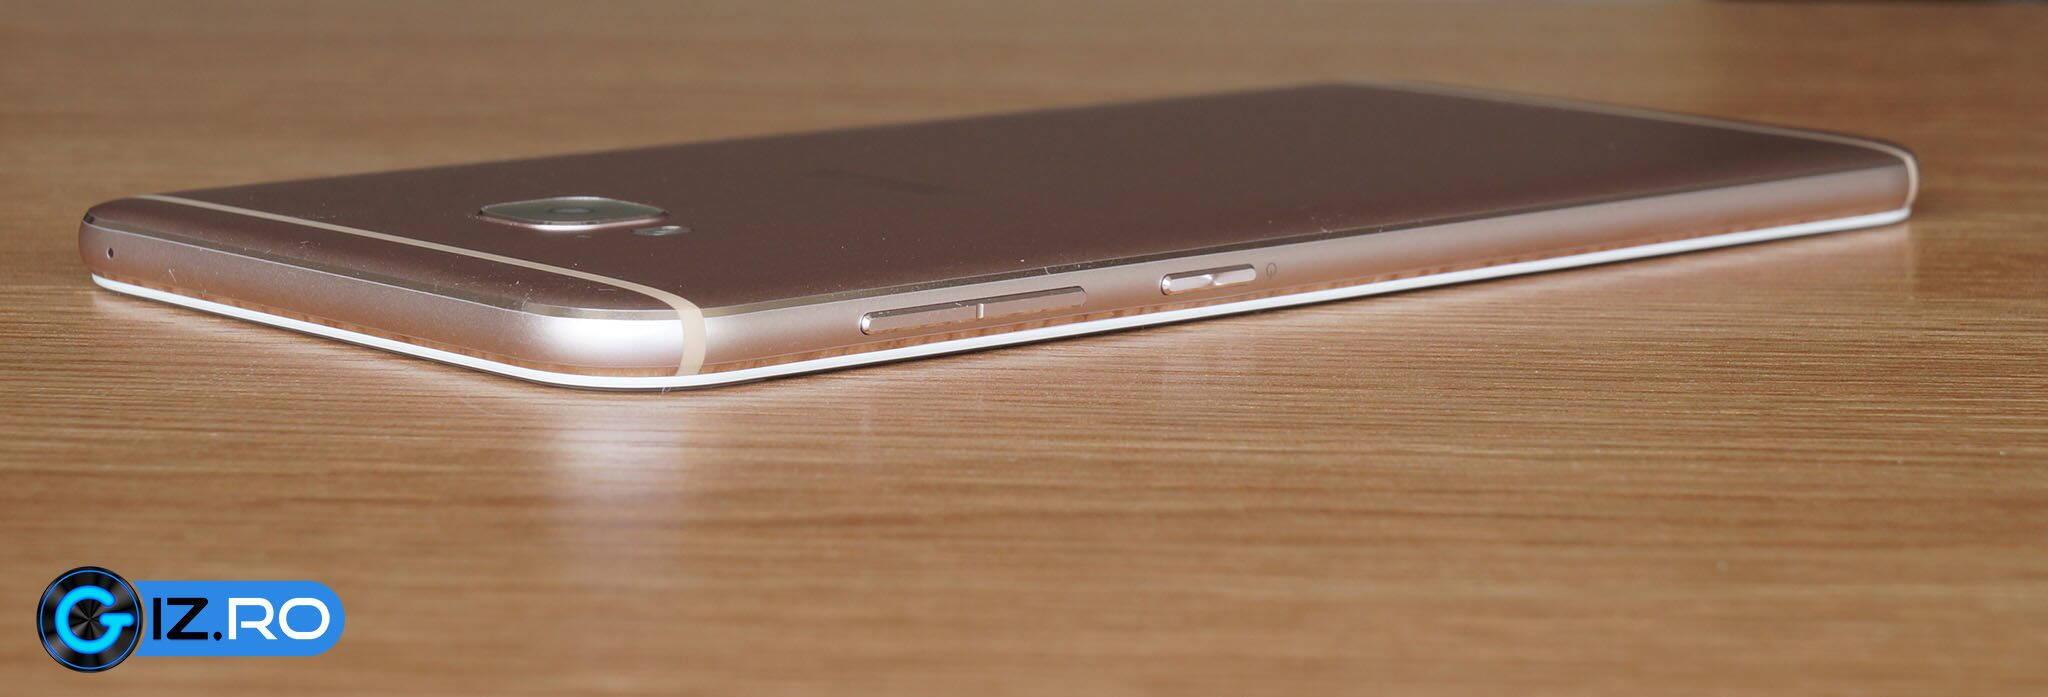 ASUS-Zenfone-4-Selfie-Pro_10